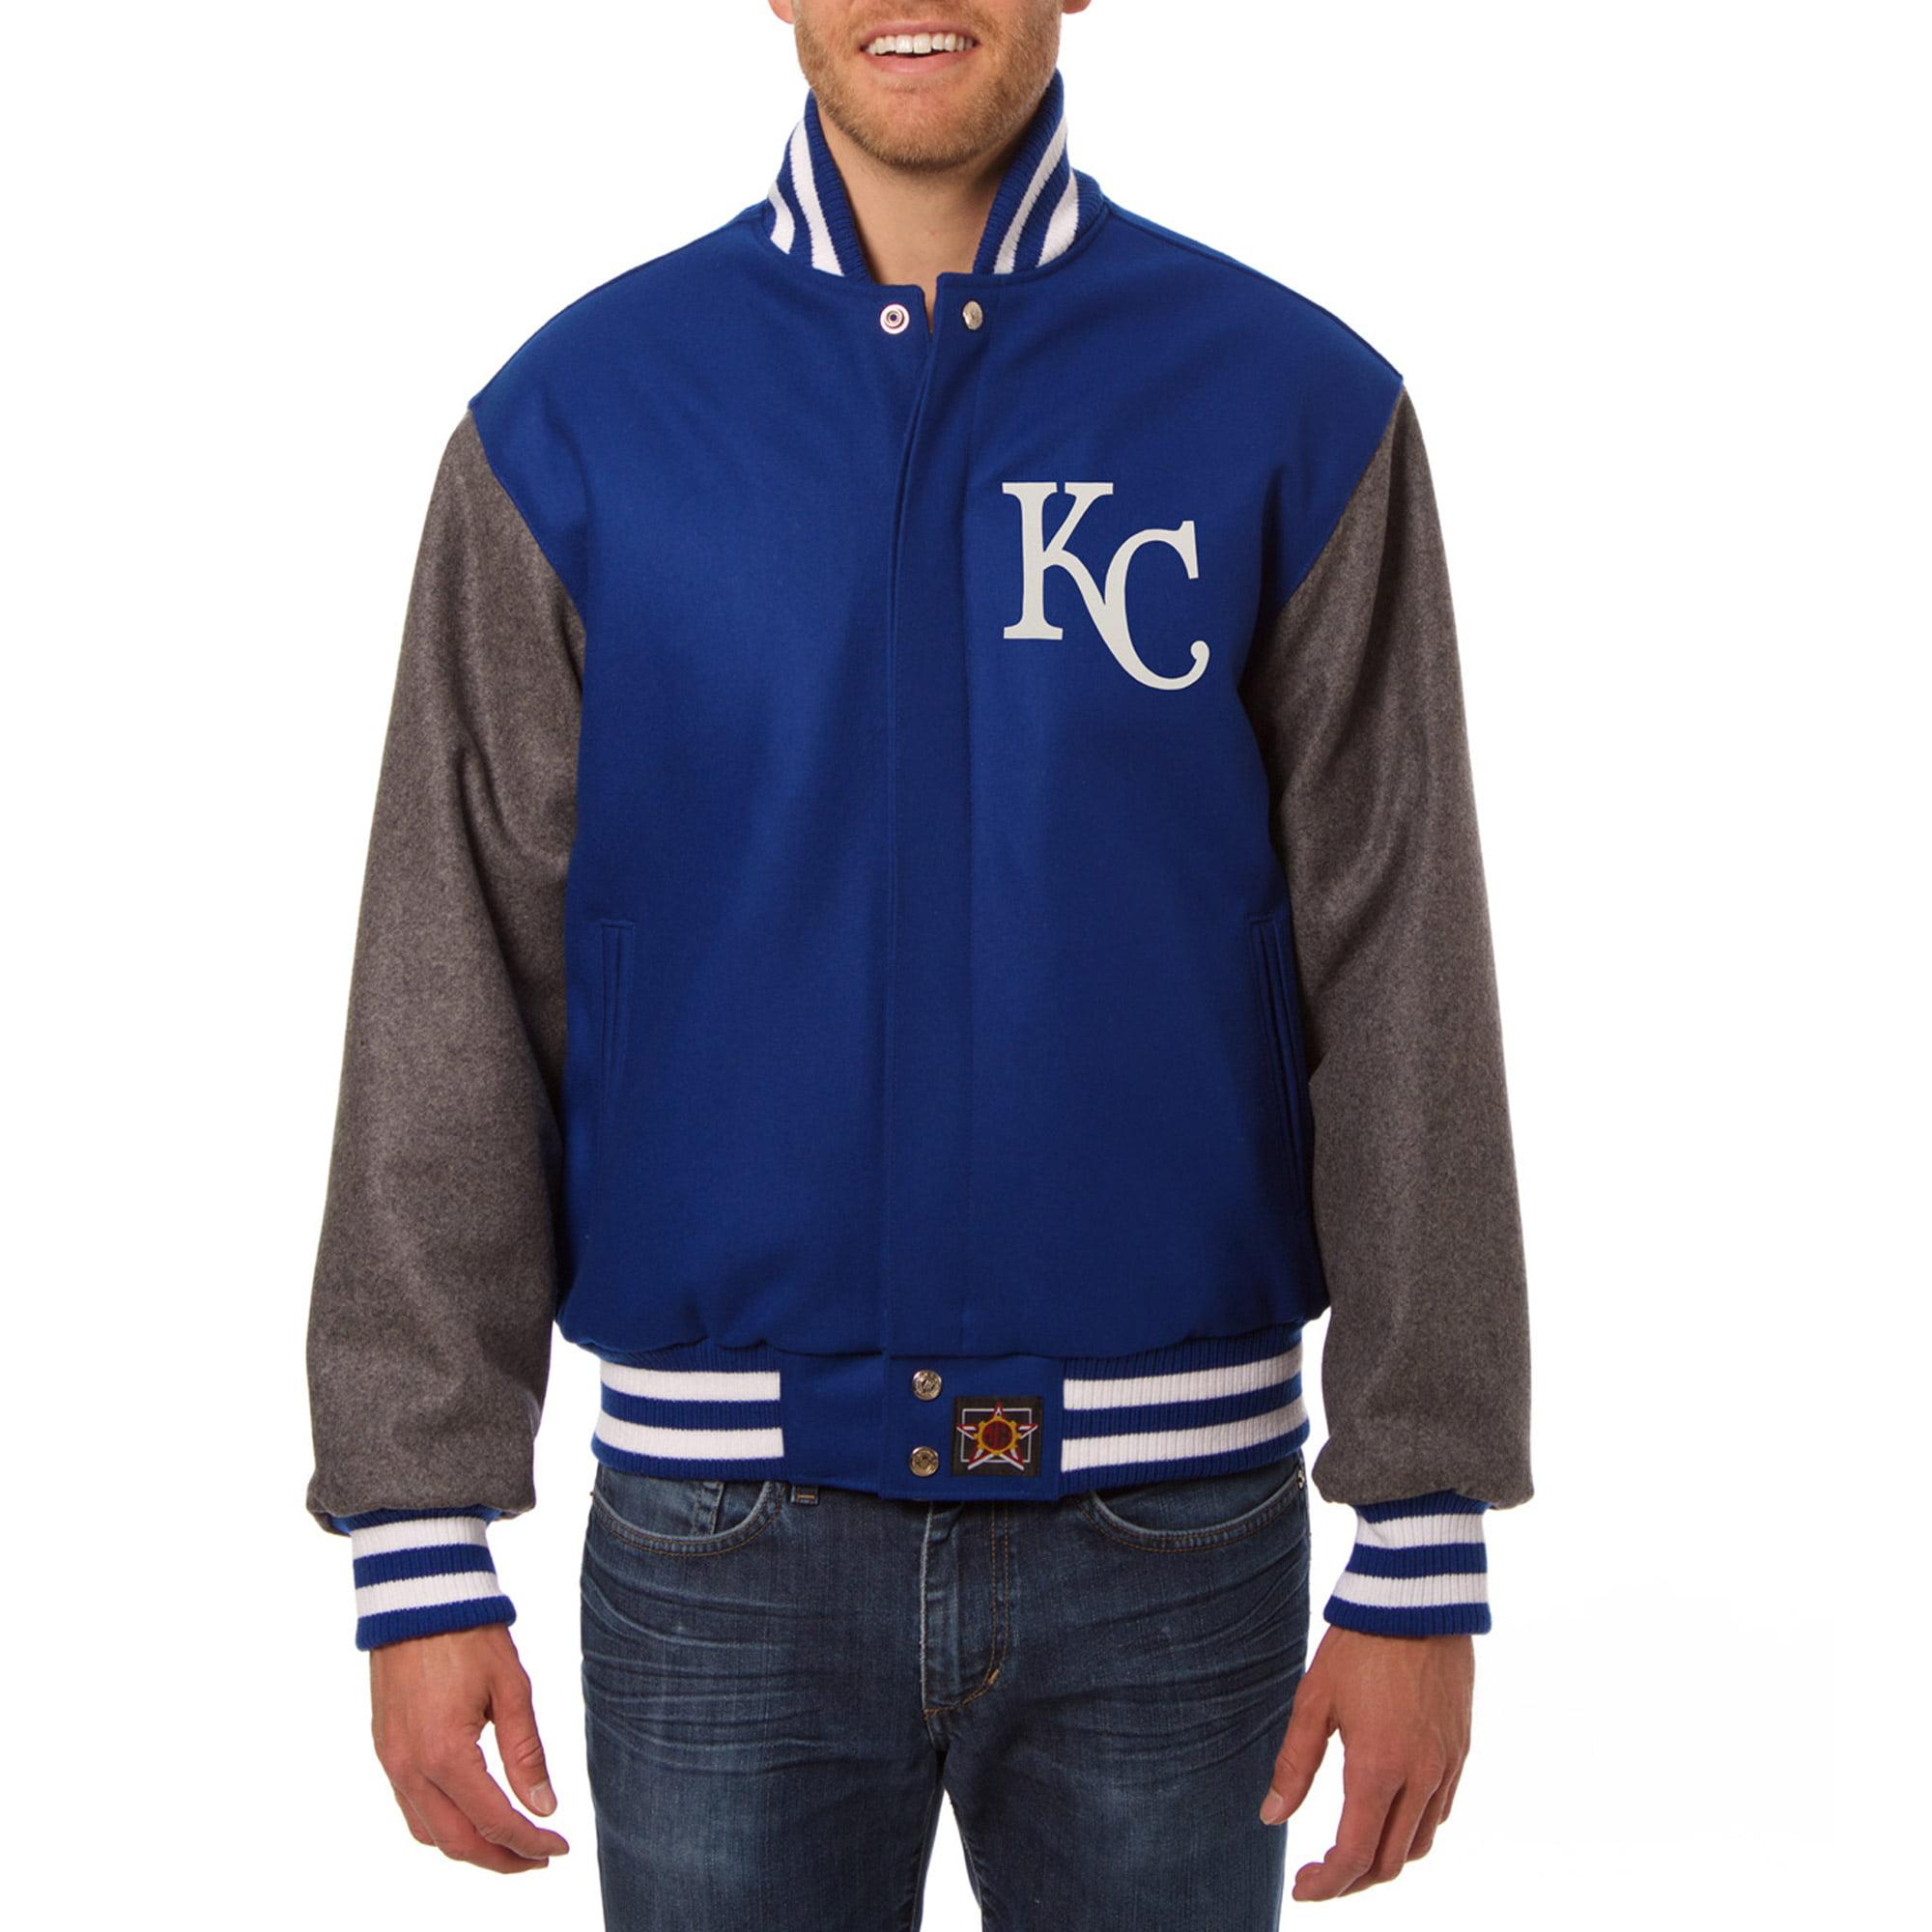 Kansas City Royals JH Design Two-Tone Wool Jacket - Royal/Gray